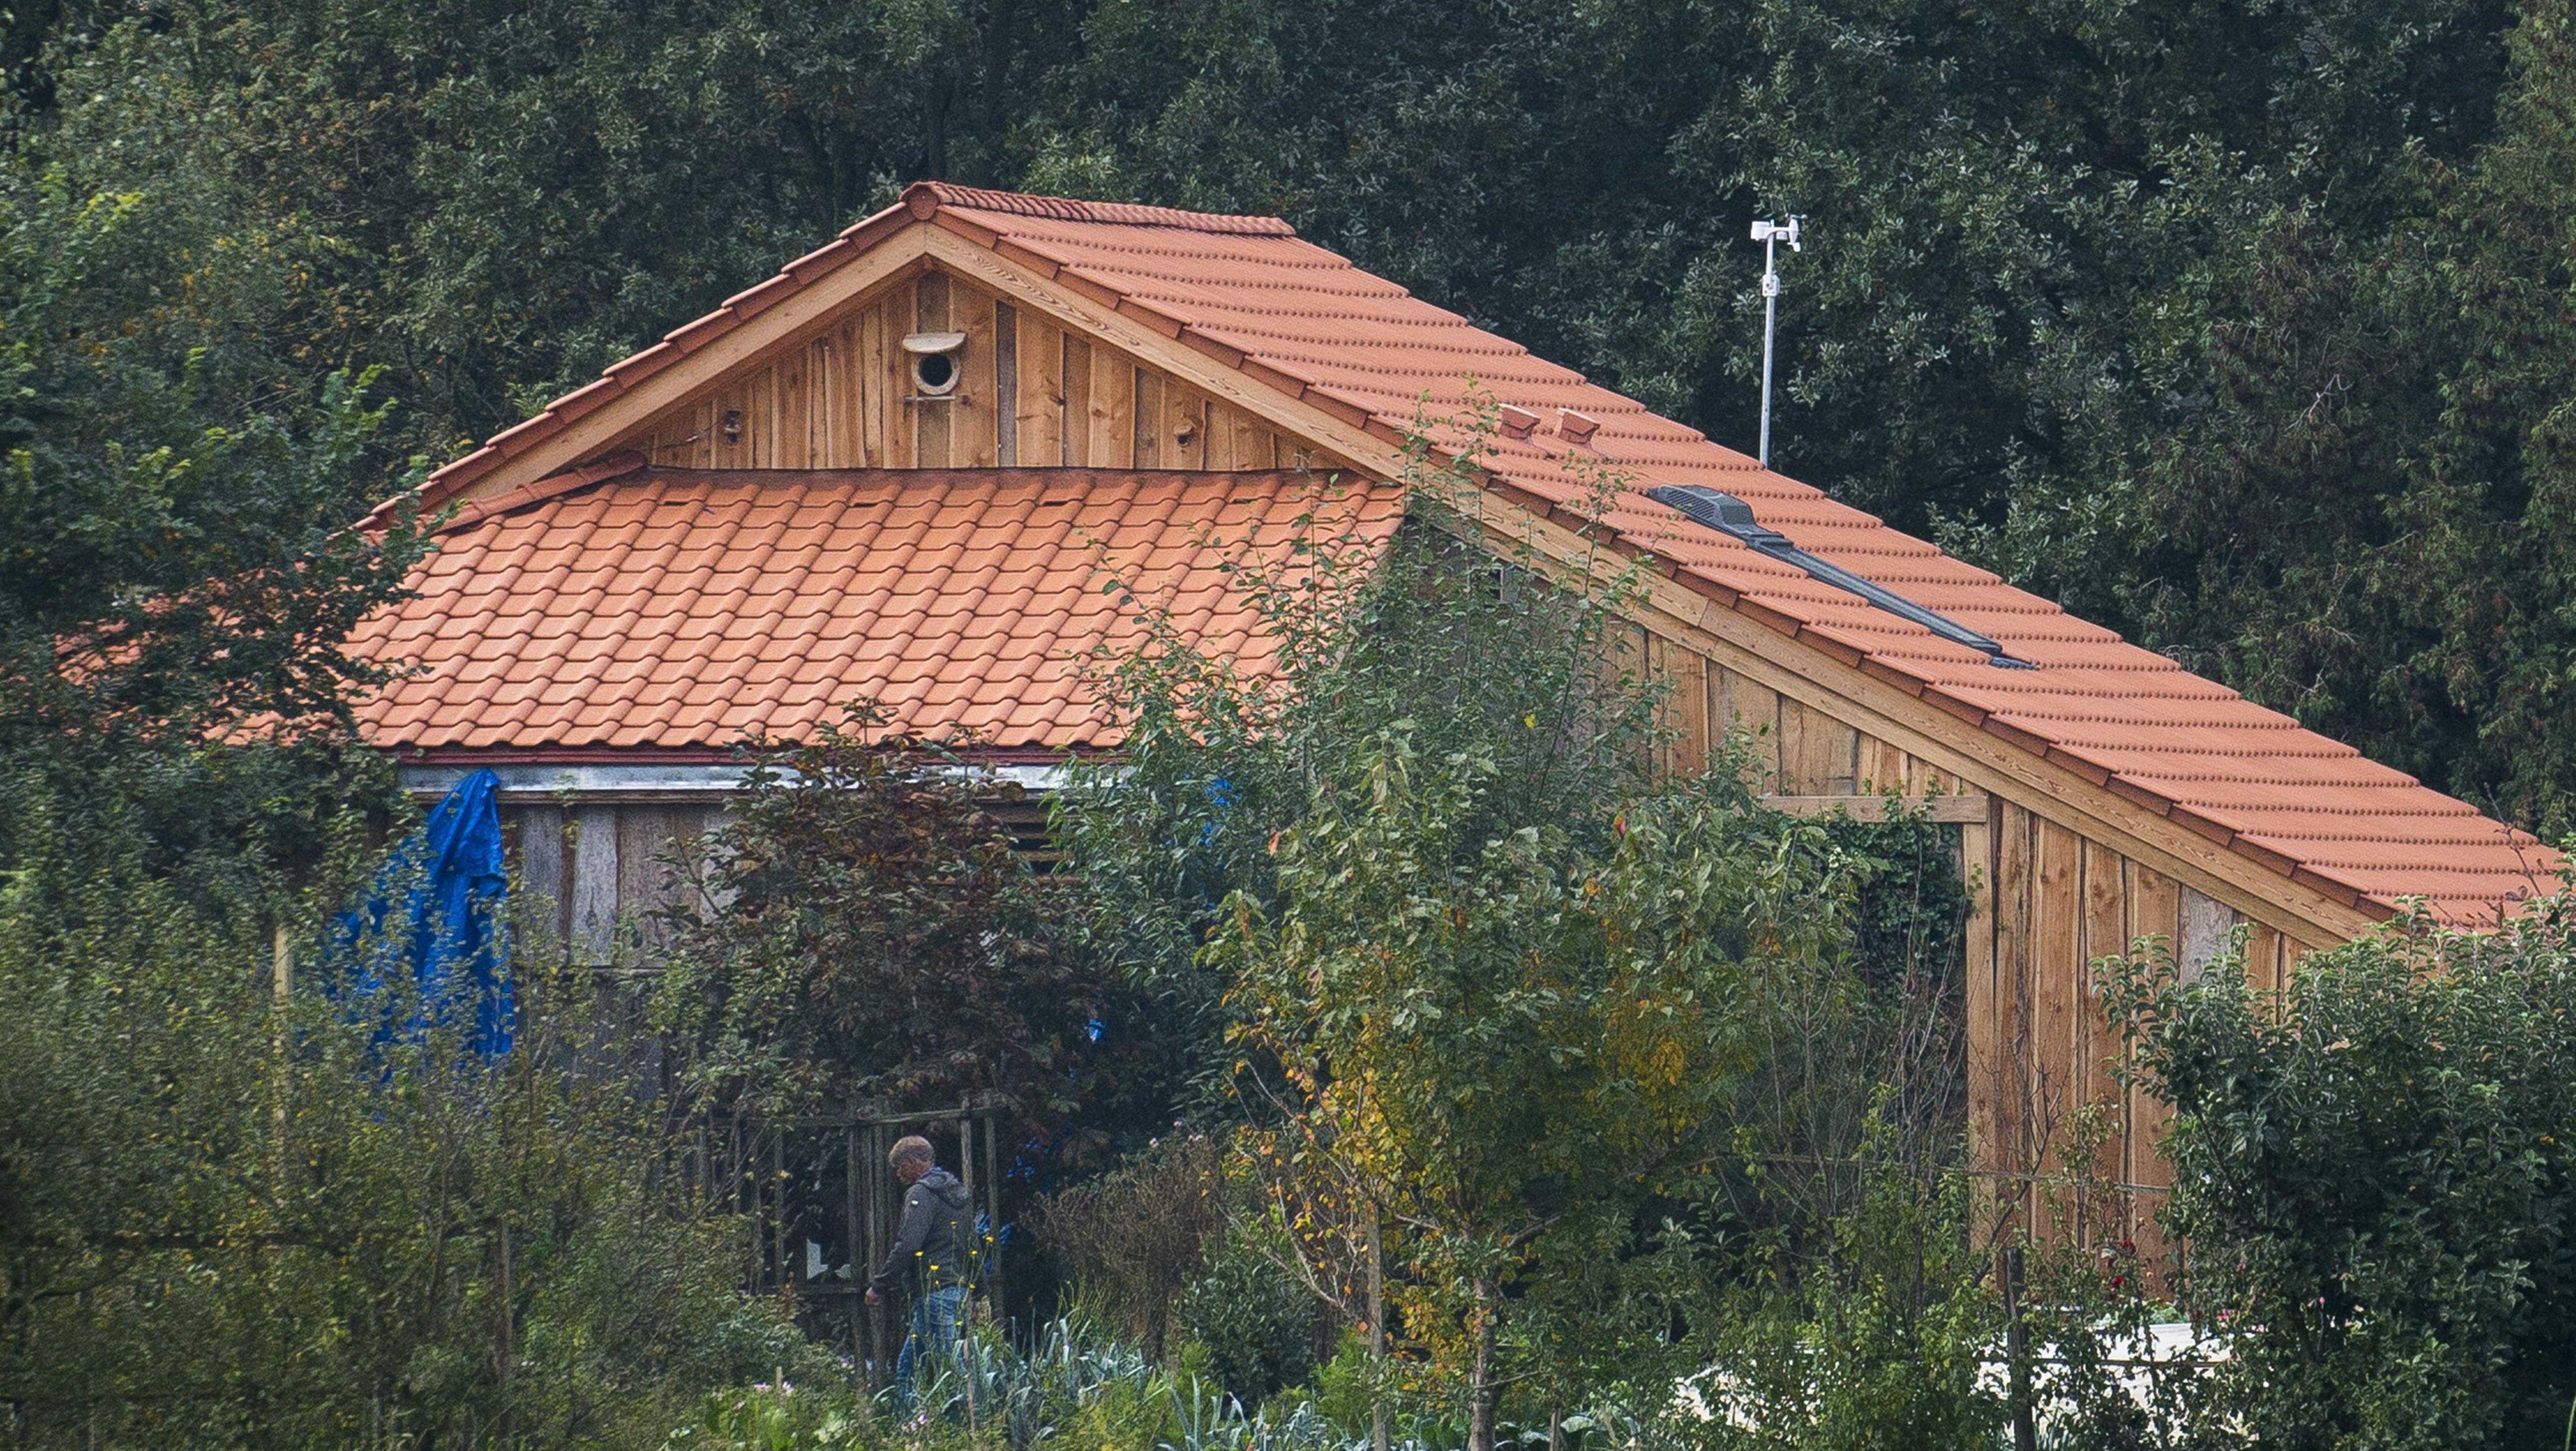 Bauernhof in den Niederlanden